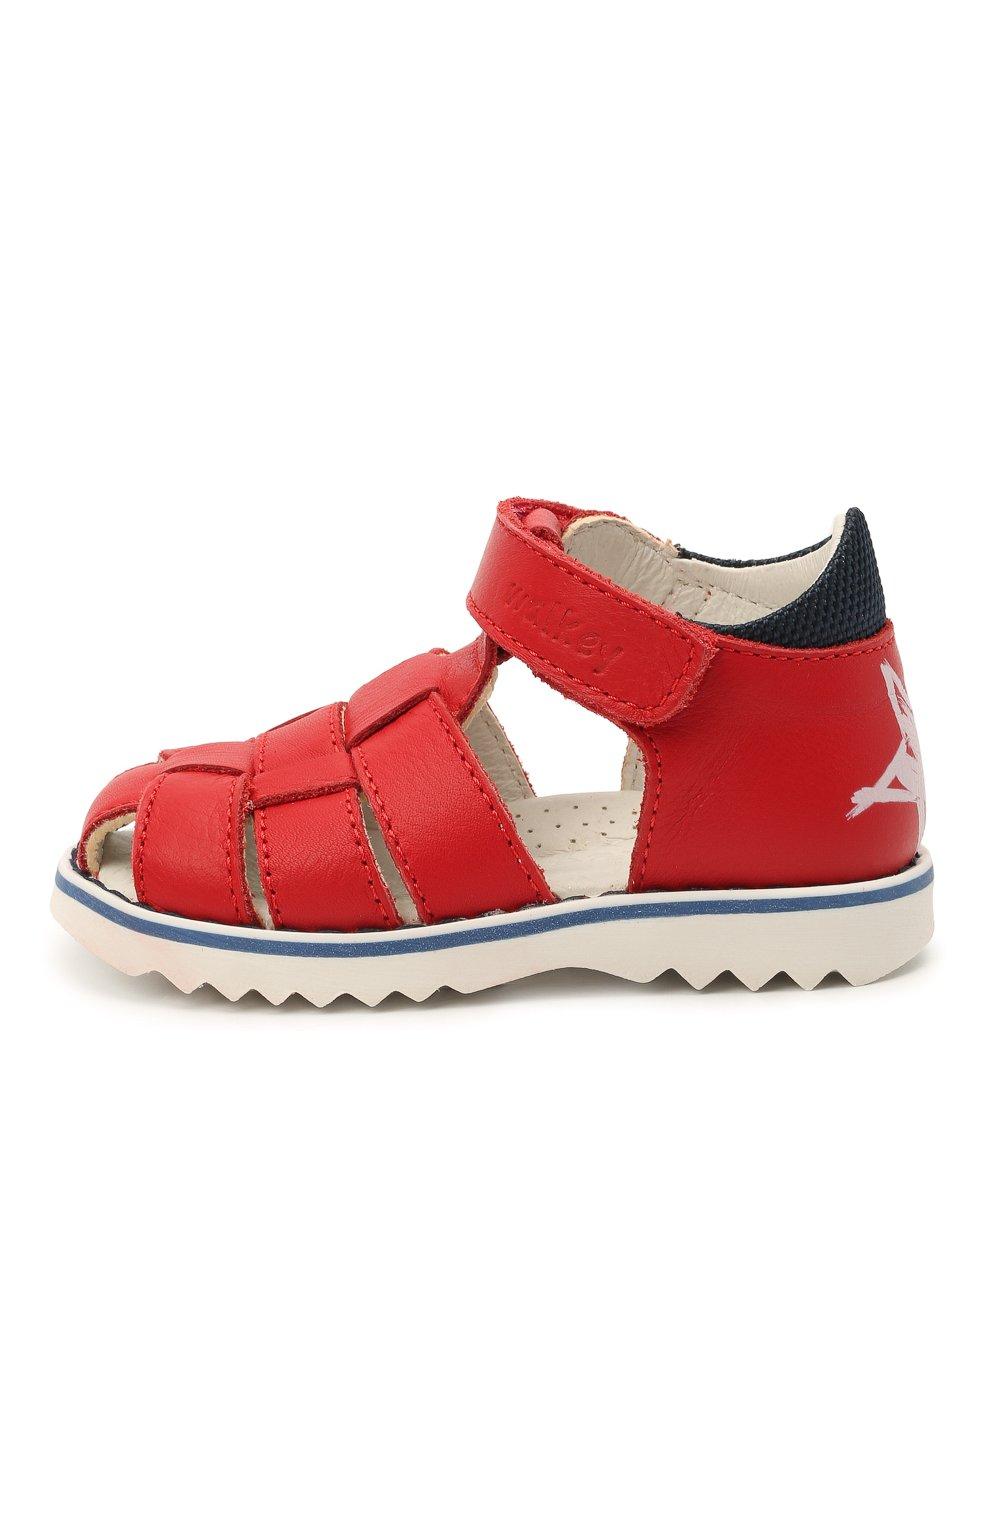 Детские кожаные сандалии WALKEY красного цвета, арт. Y1B2-41297-0030 | Фото 2 (Материал внутренний: Натуральная кожа)